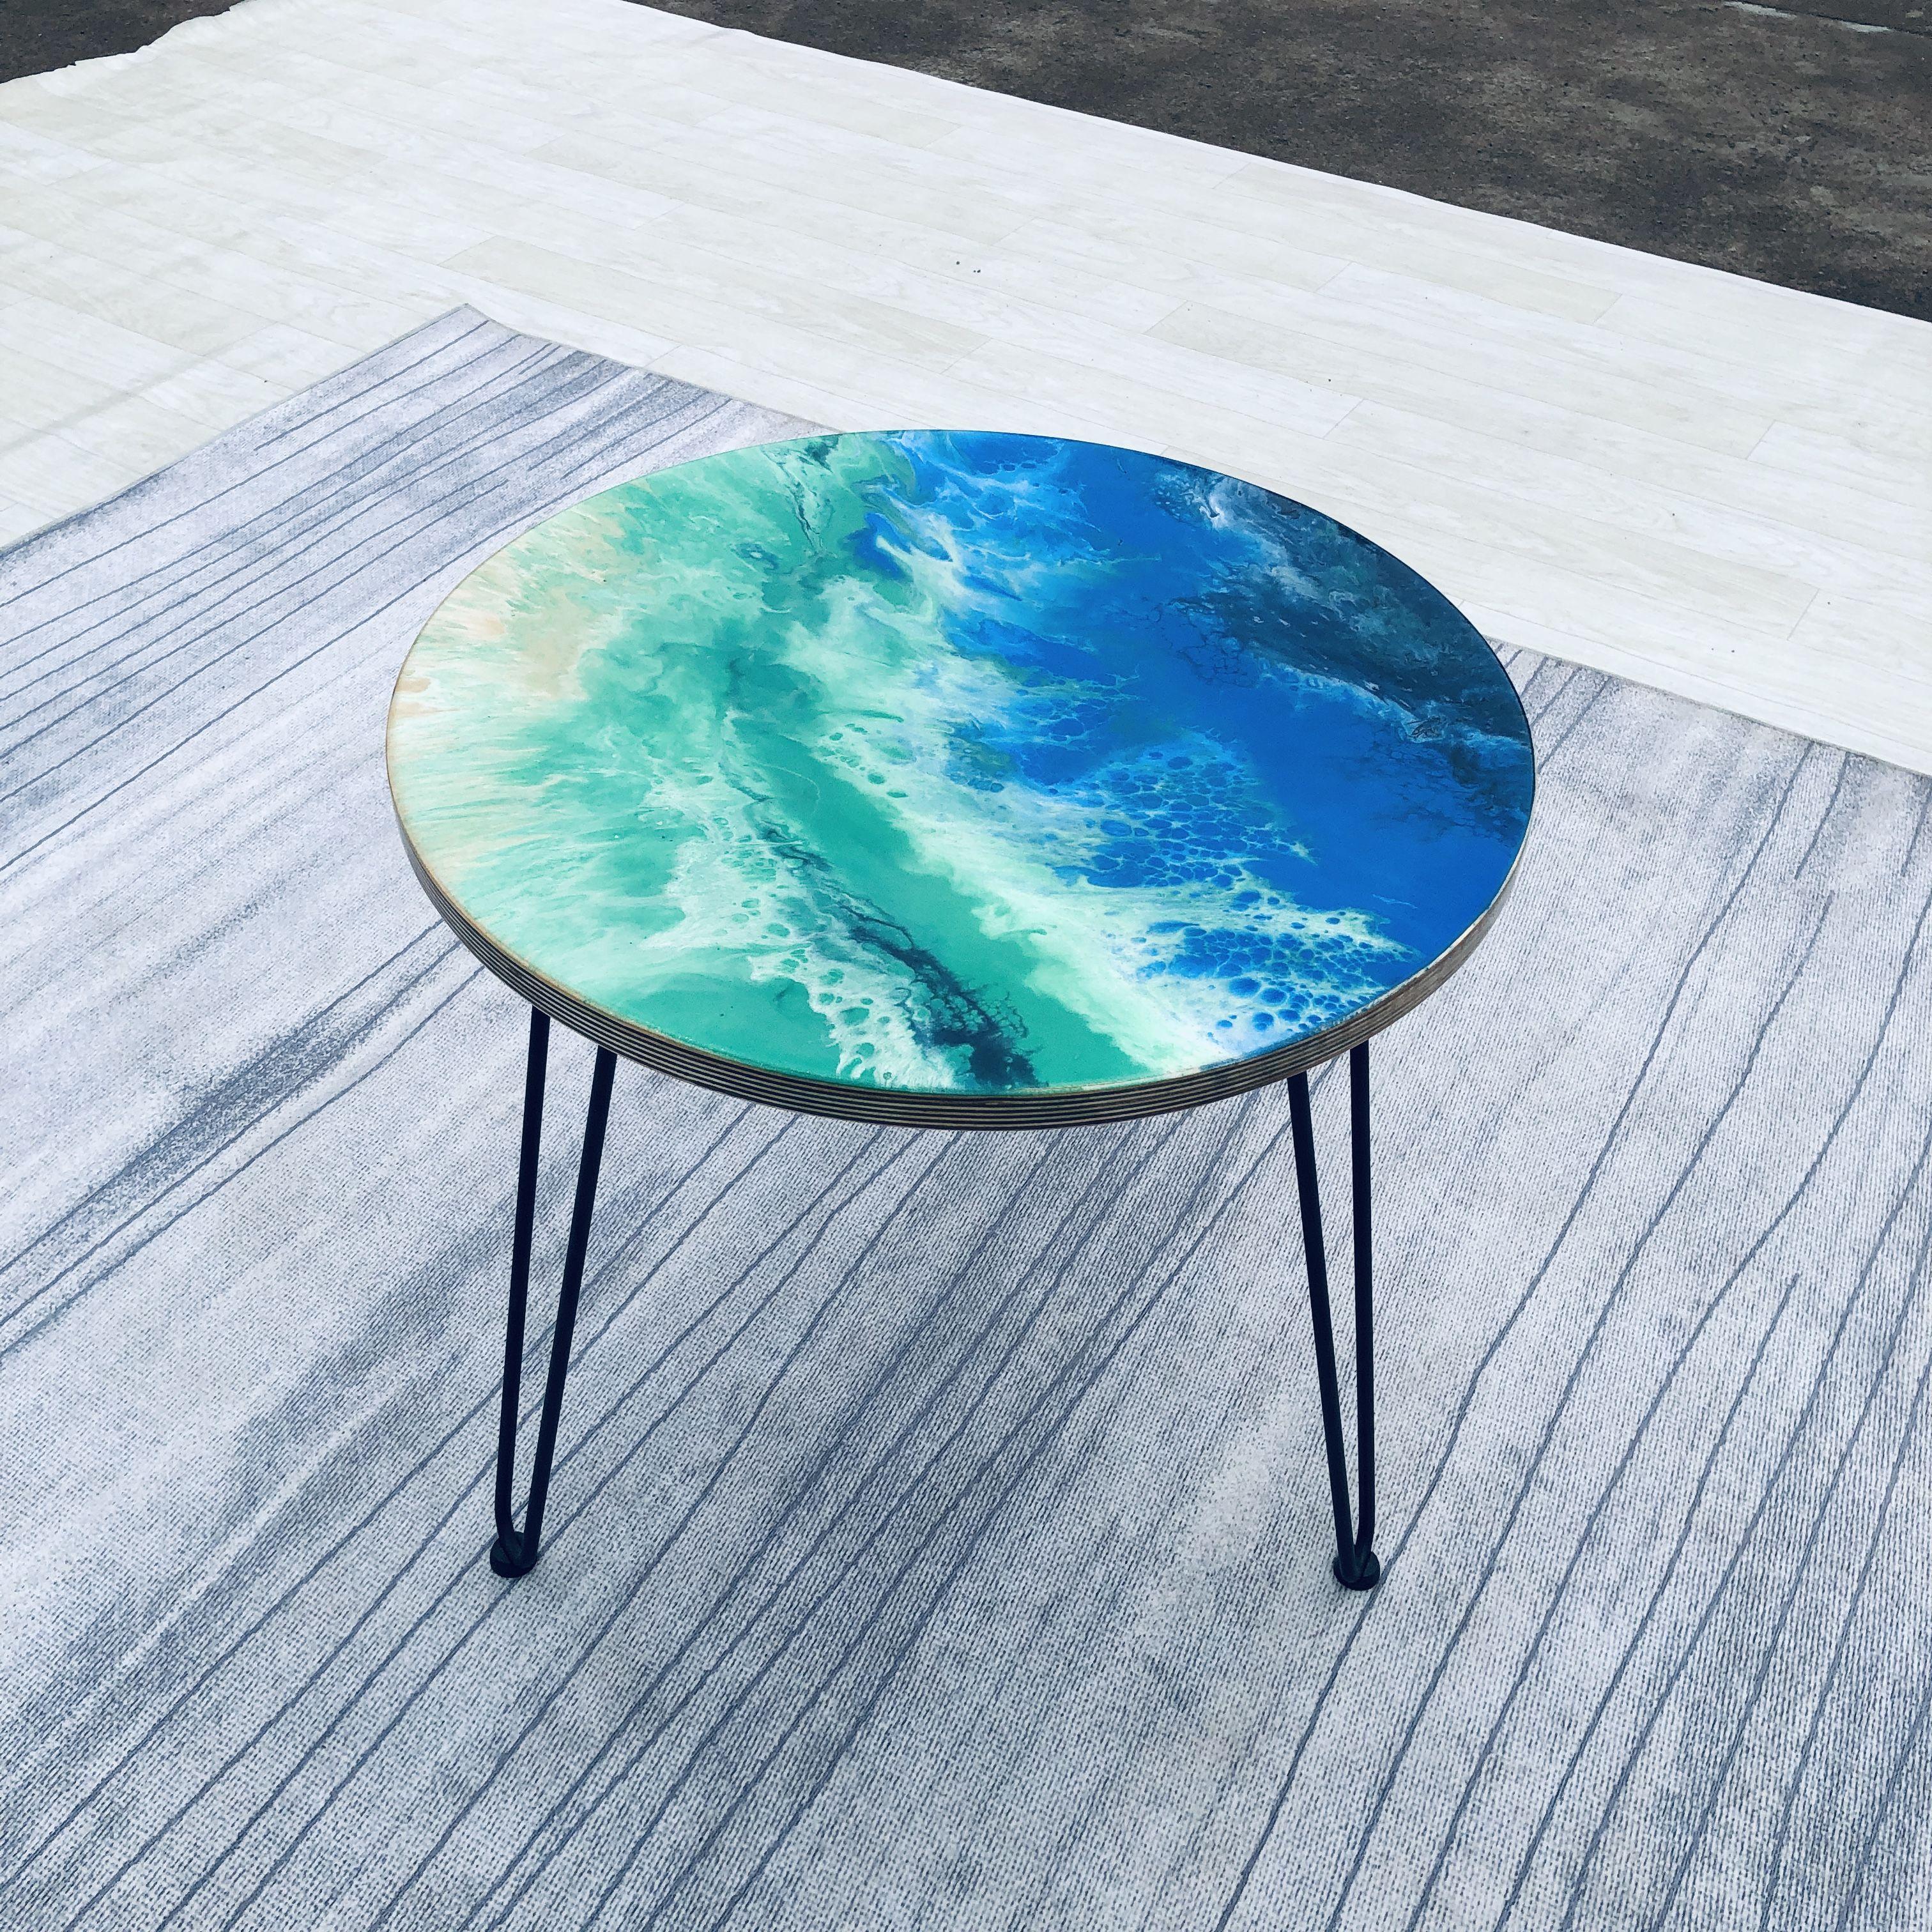 Pin On Coffee Table [ 3024 x 3024 Pixel ]